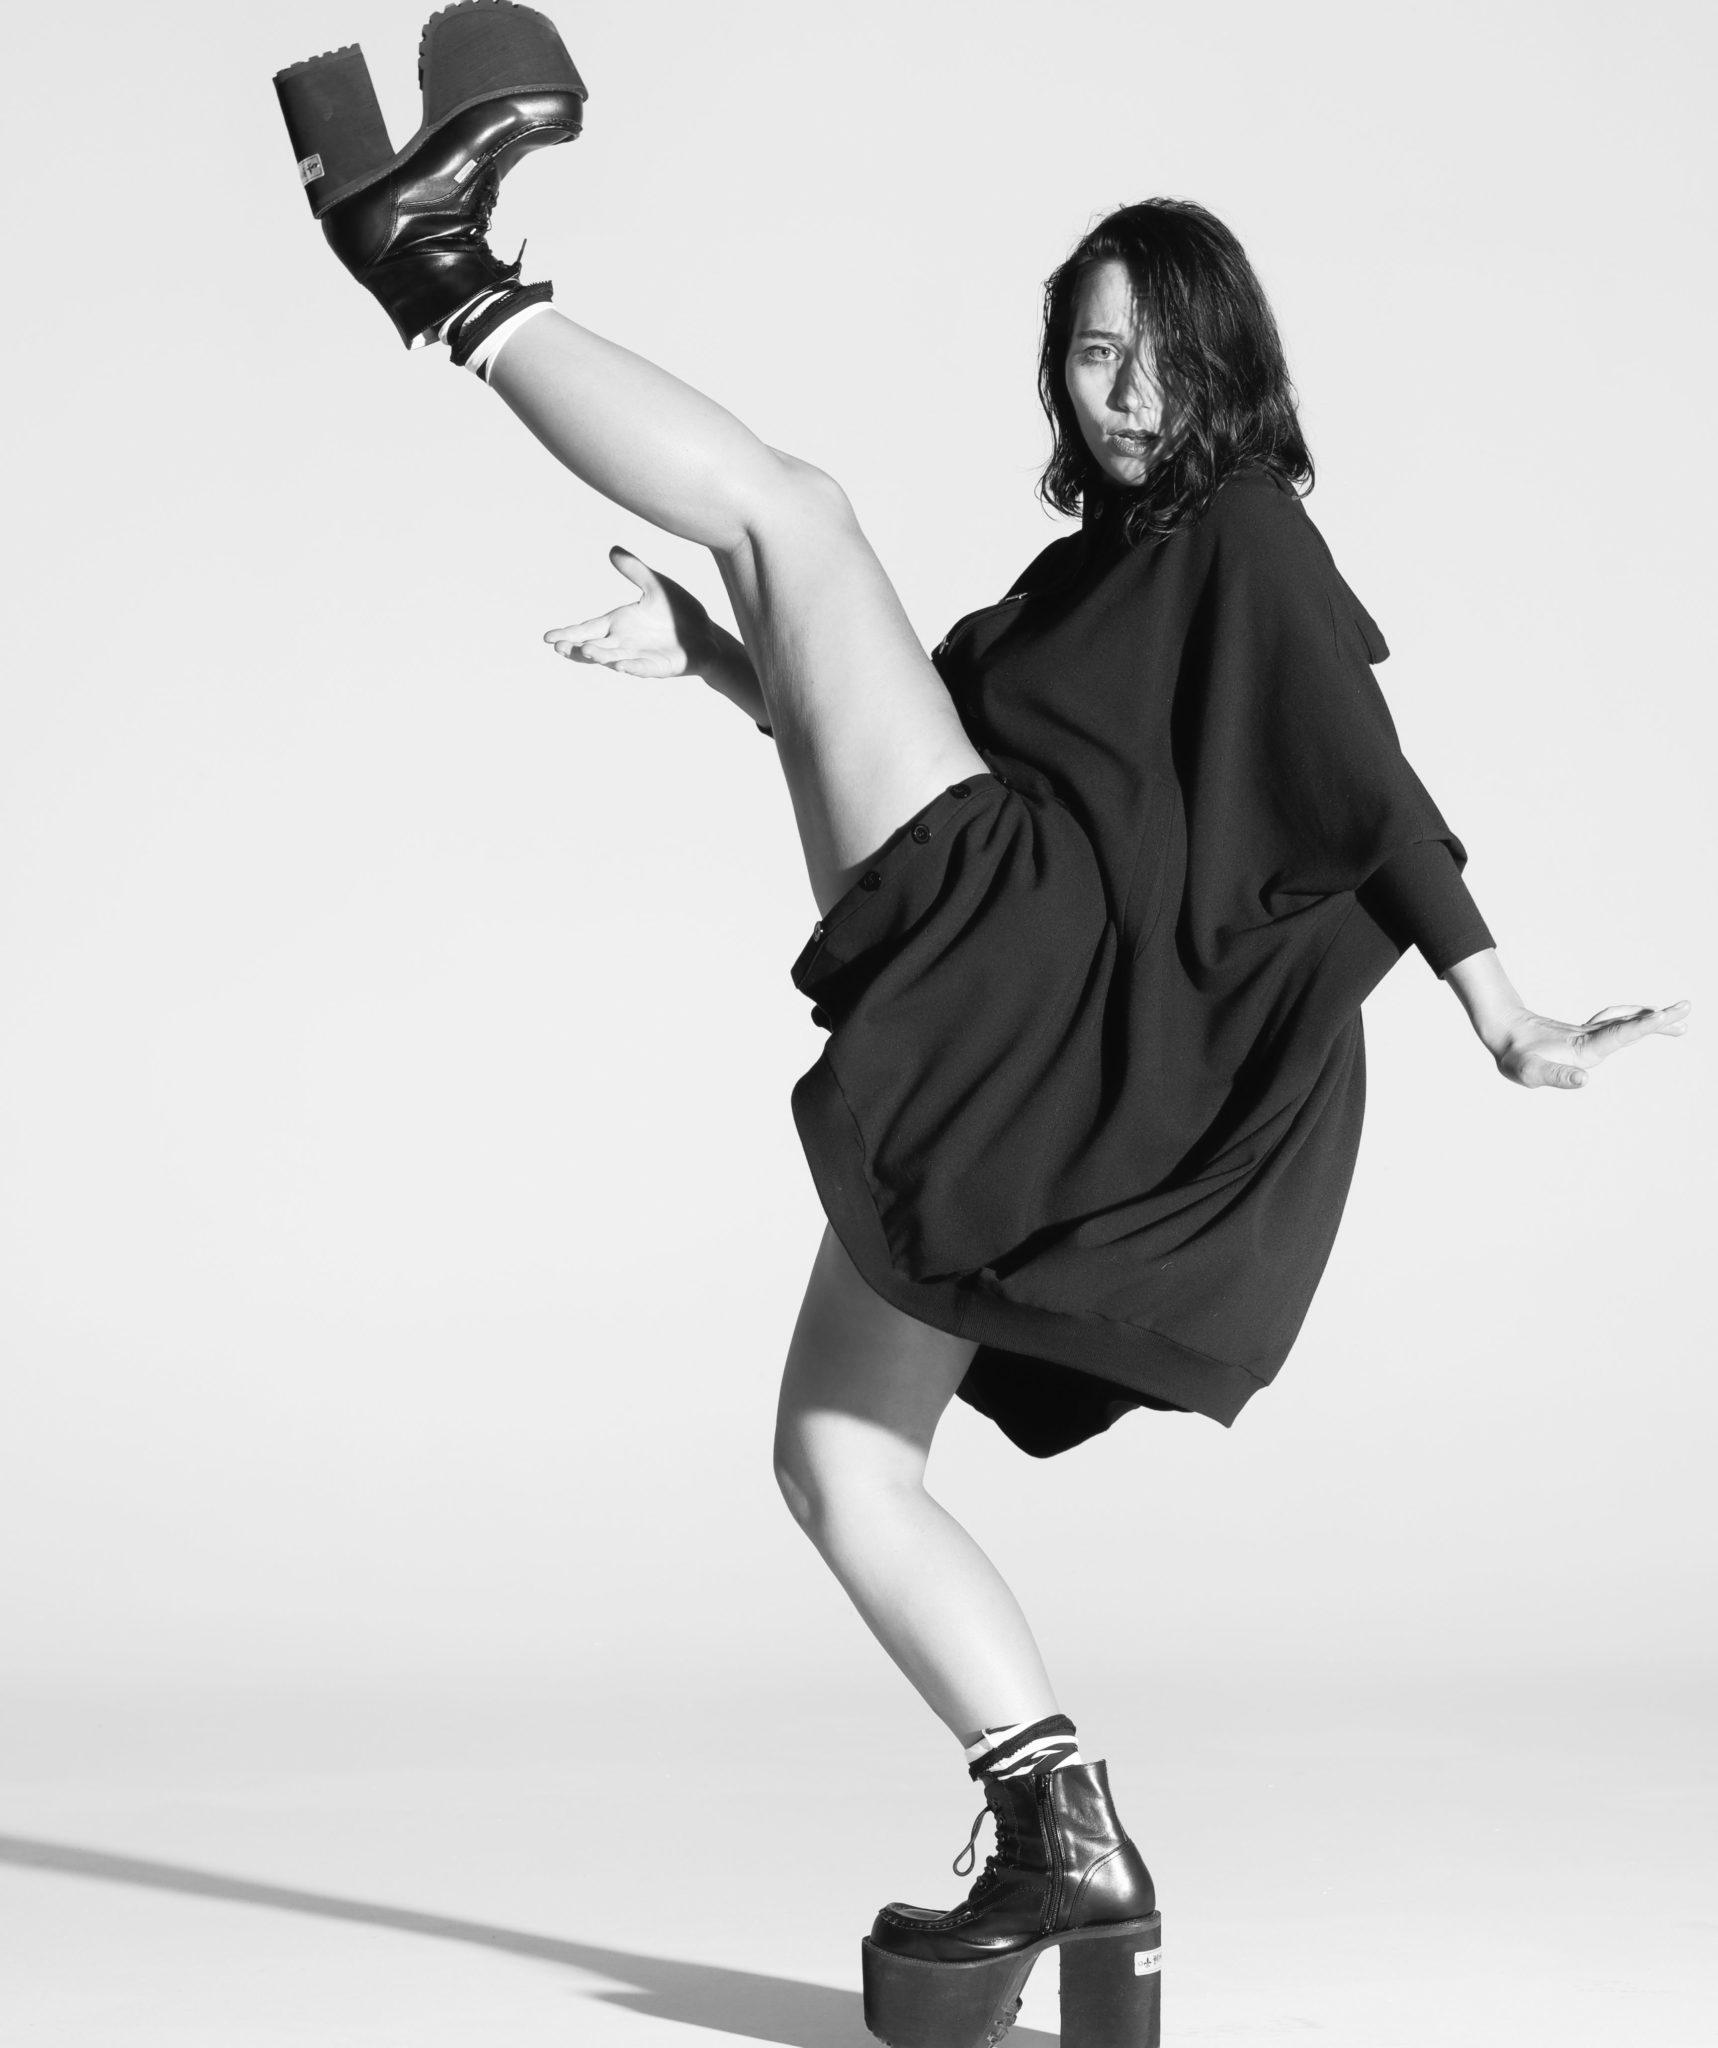 Na czarno bialym zdjeciu widzimy kobiete ubrana w czarna workowata spodnice i buty na duzym kutornie i obcasie ciemne wlosy i uniesiona w lewo noga